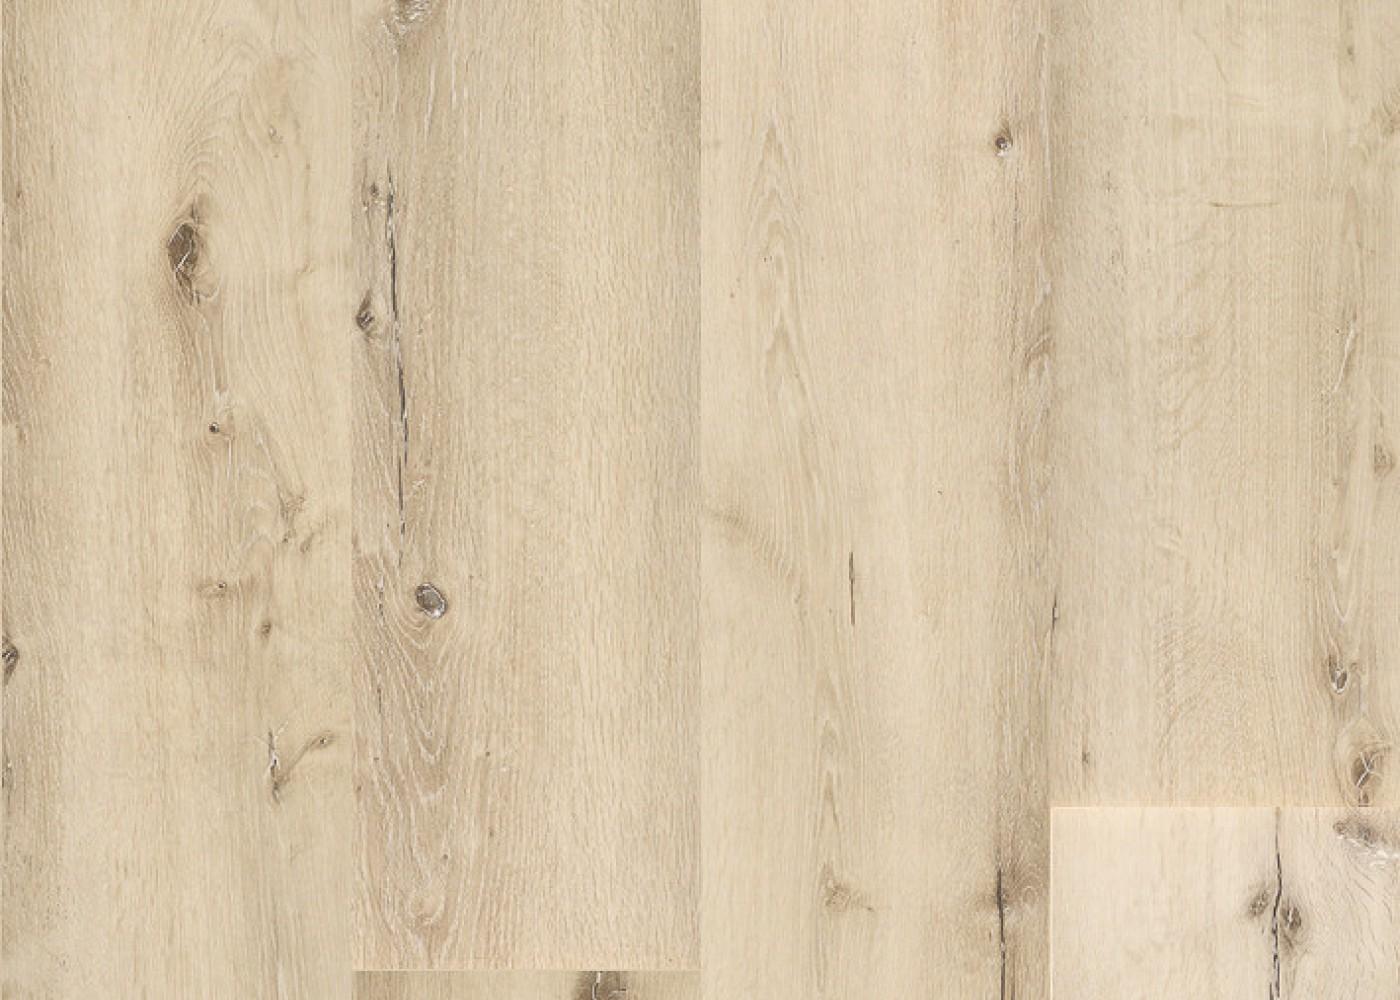 Vinyle rigide Chêne Alpaca passage commercial 4.5x225x1524